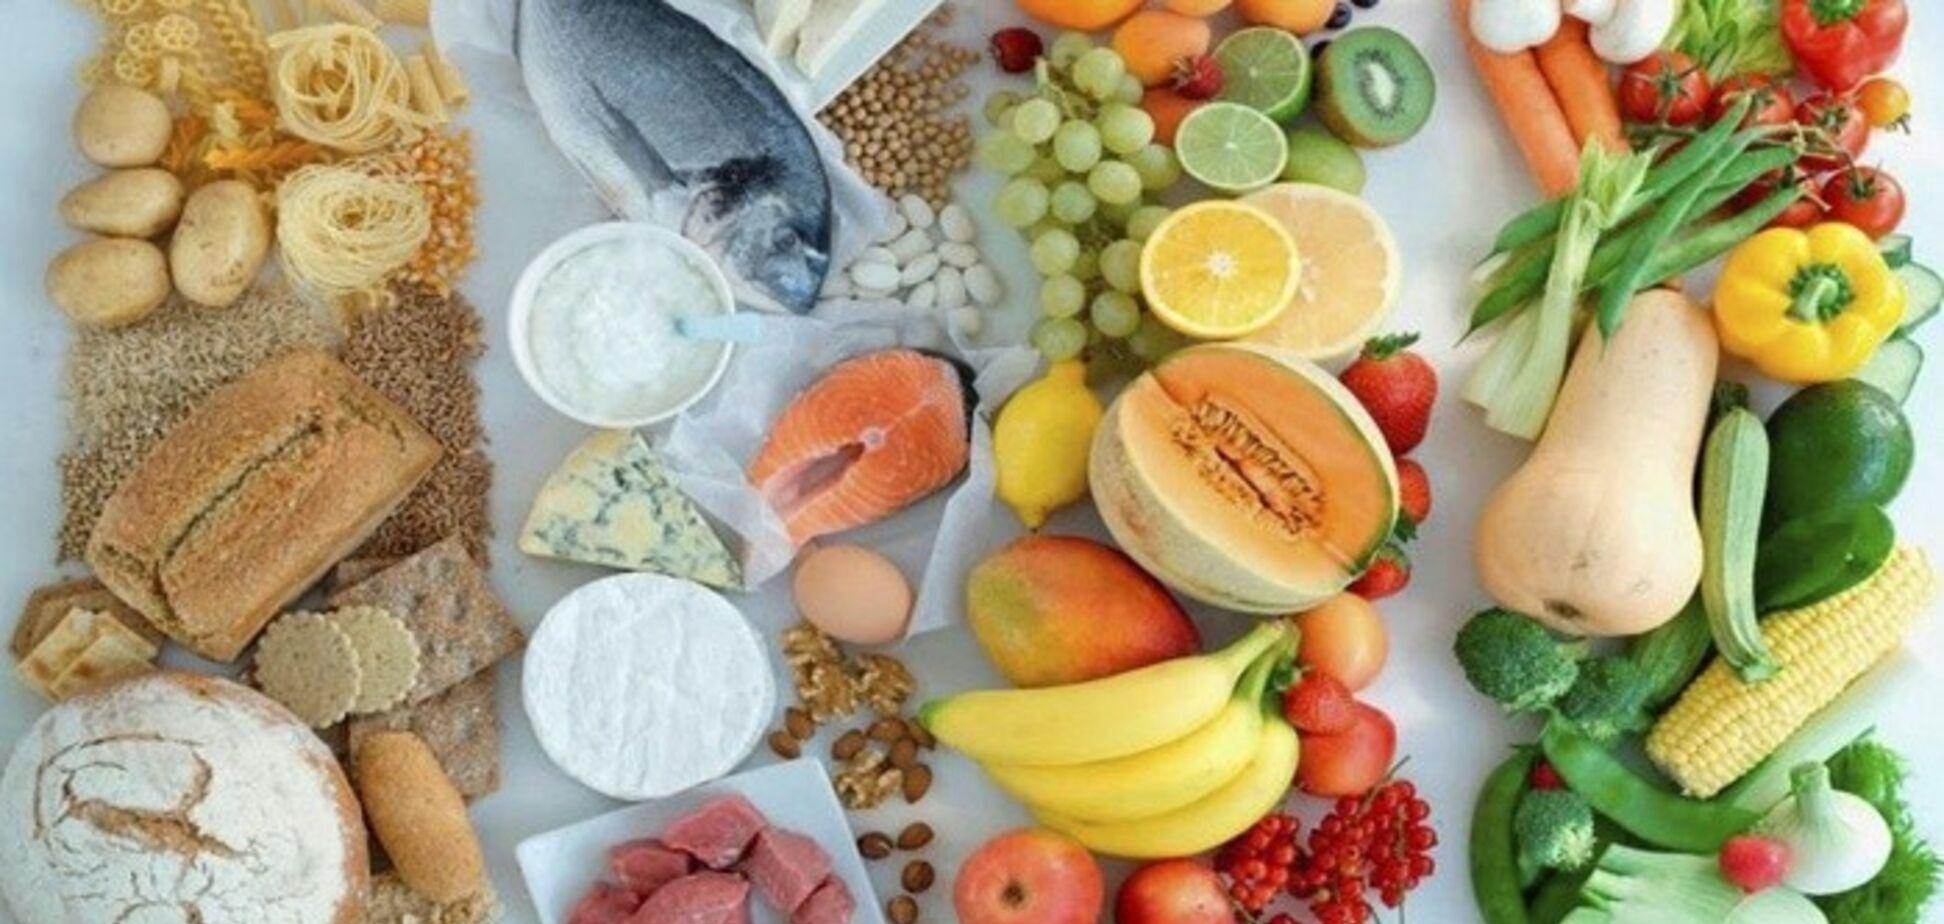 Як схуднути: дієтолог назвала альтернативи популярним шкідливим продуктам